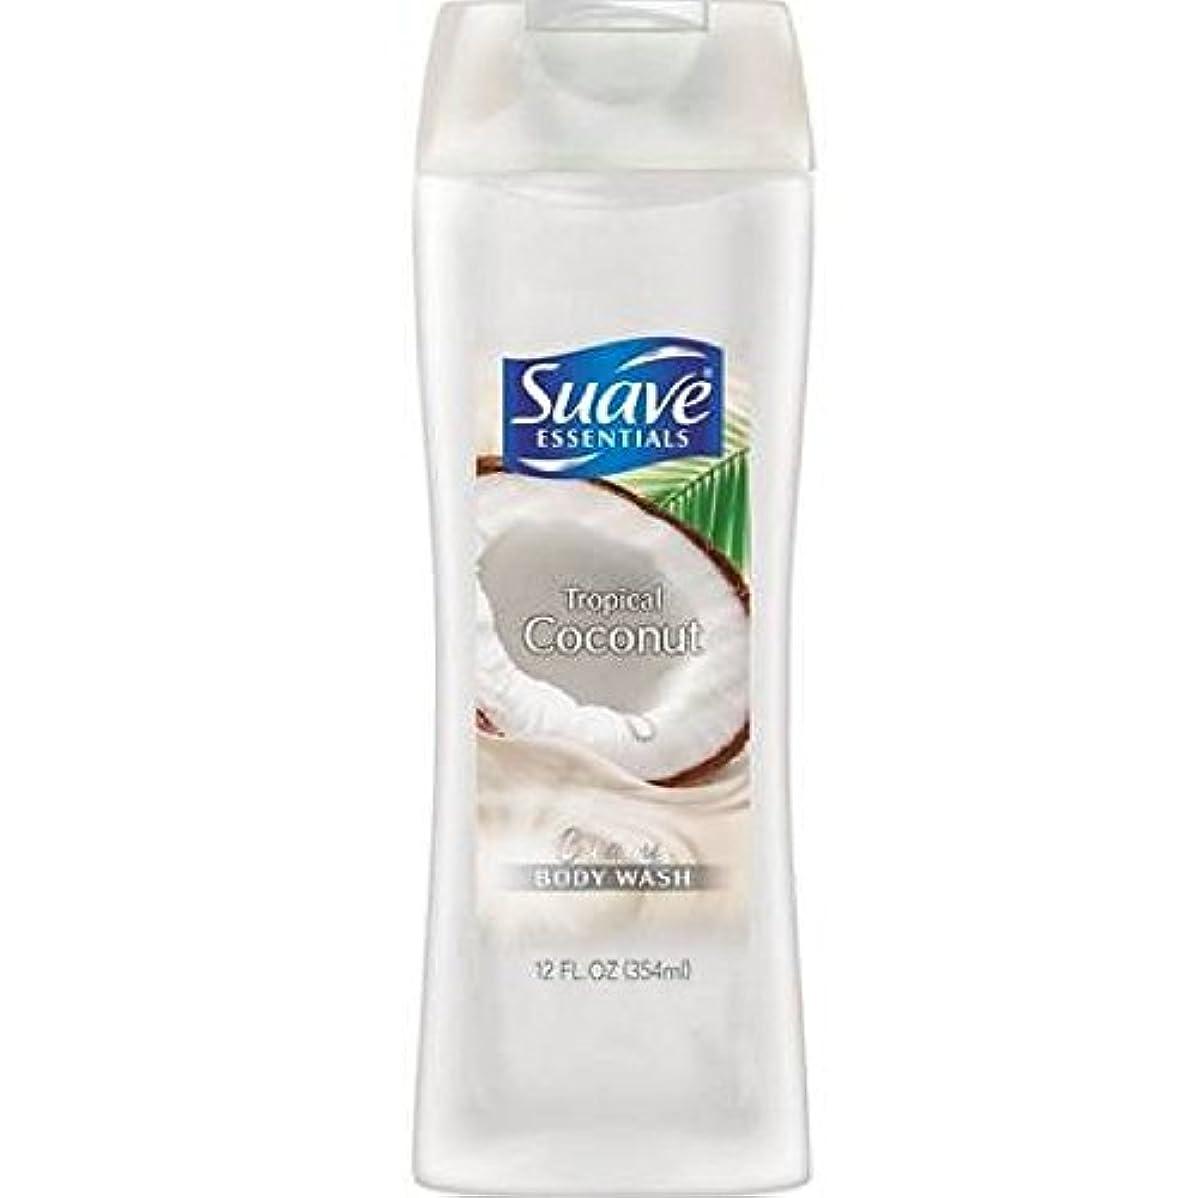 回答アリーナセンターSuave Naturals Body Wash - Tropical Coconut - 12 oz - 2 pk by Suave [並行輸入品]